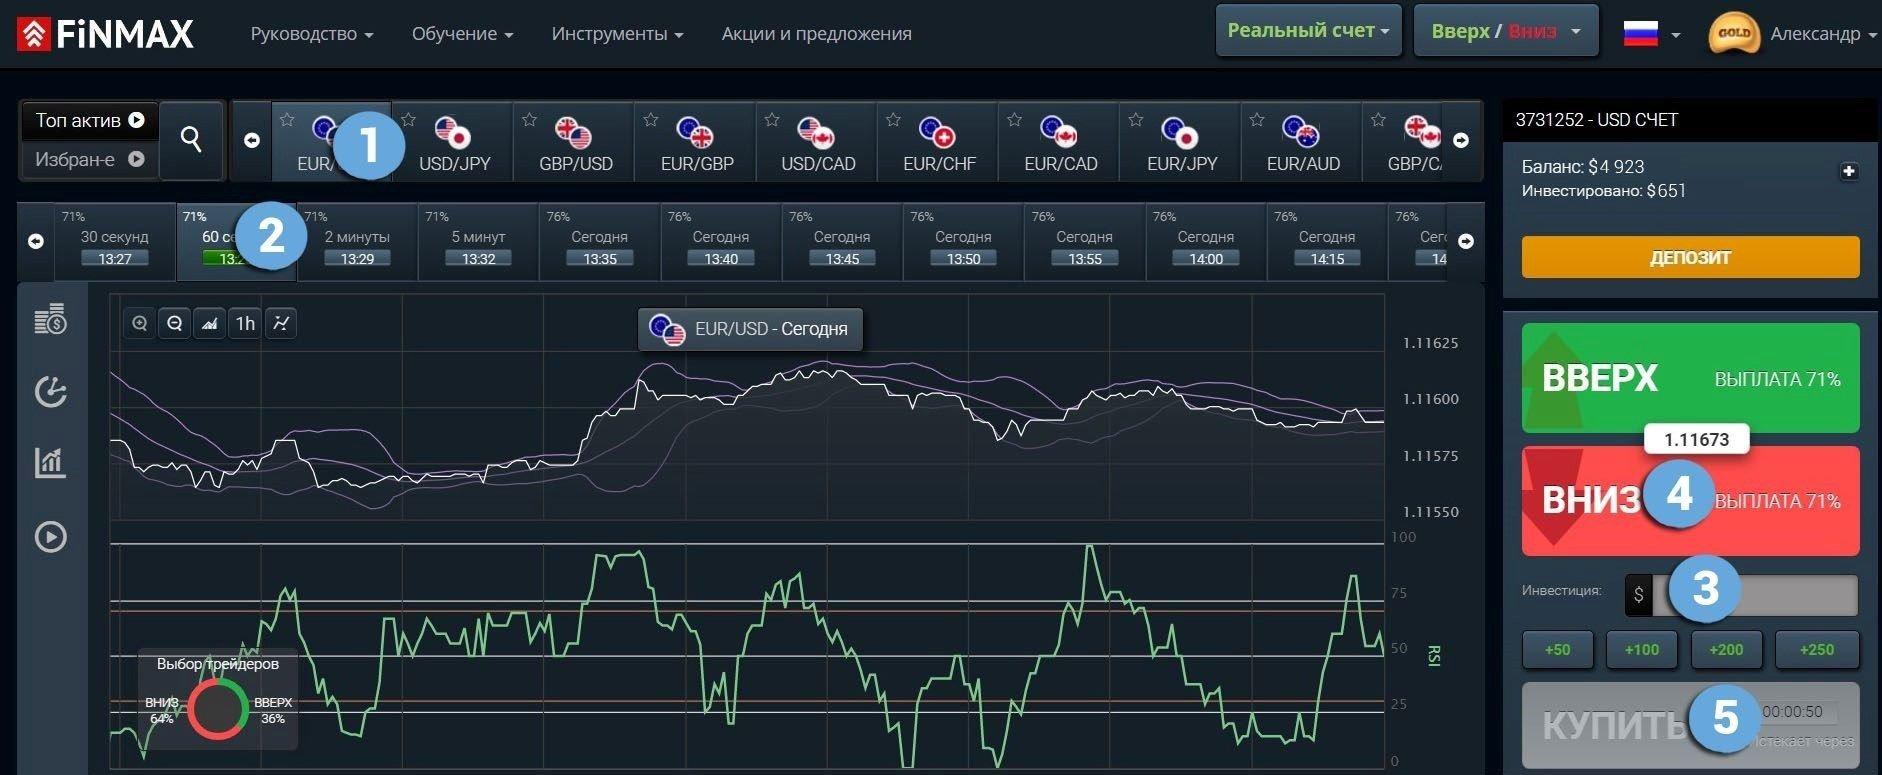 Воспользуйтесь трендом и сделайте прибыльную ставку ПУТ у брокера Finmax